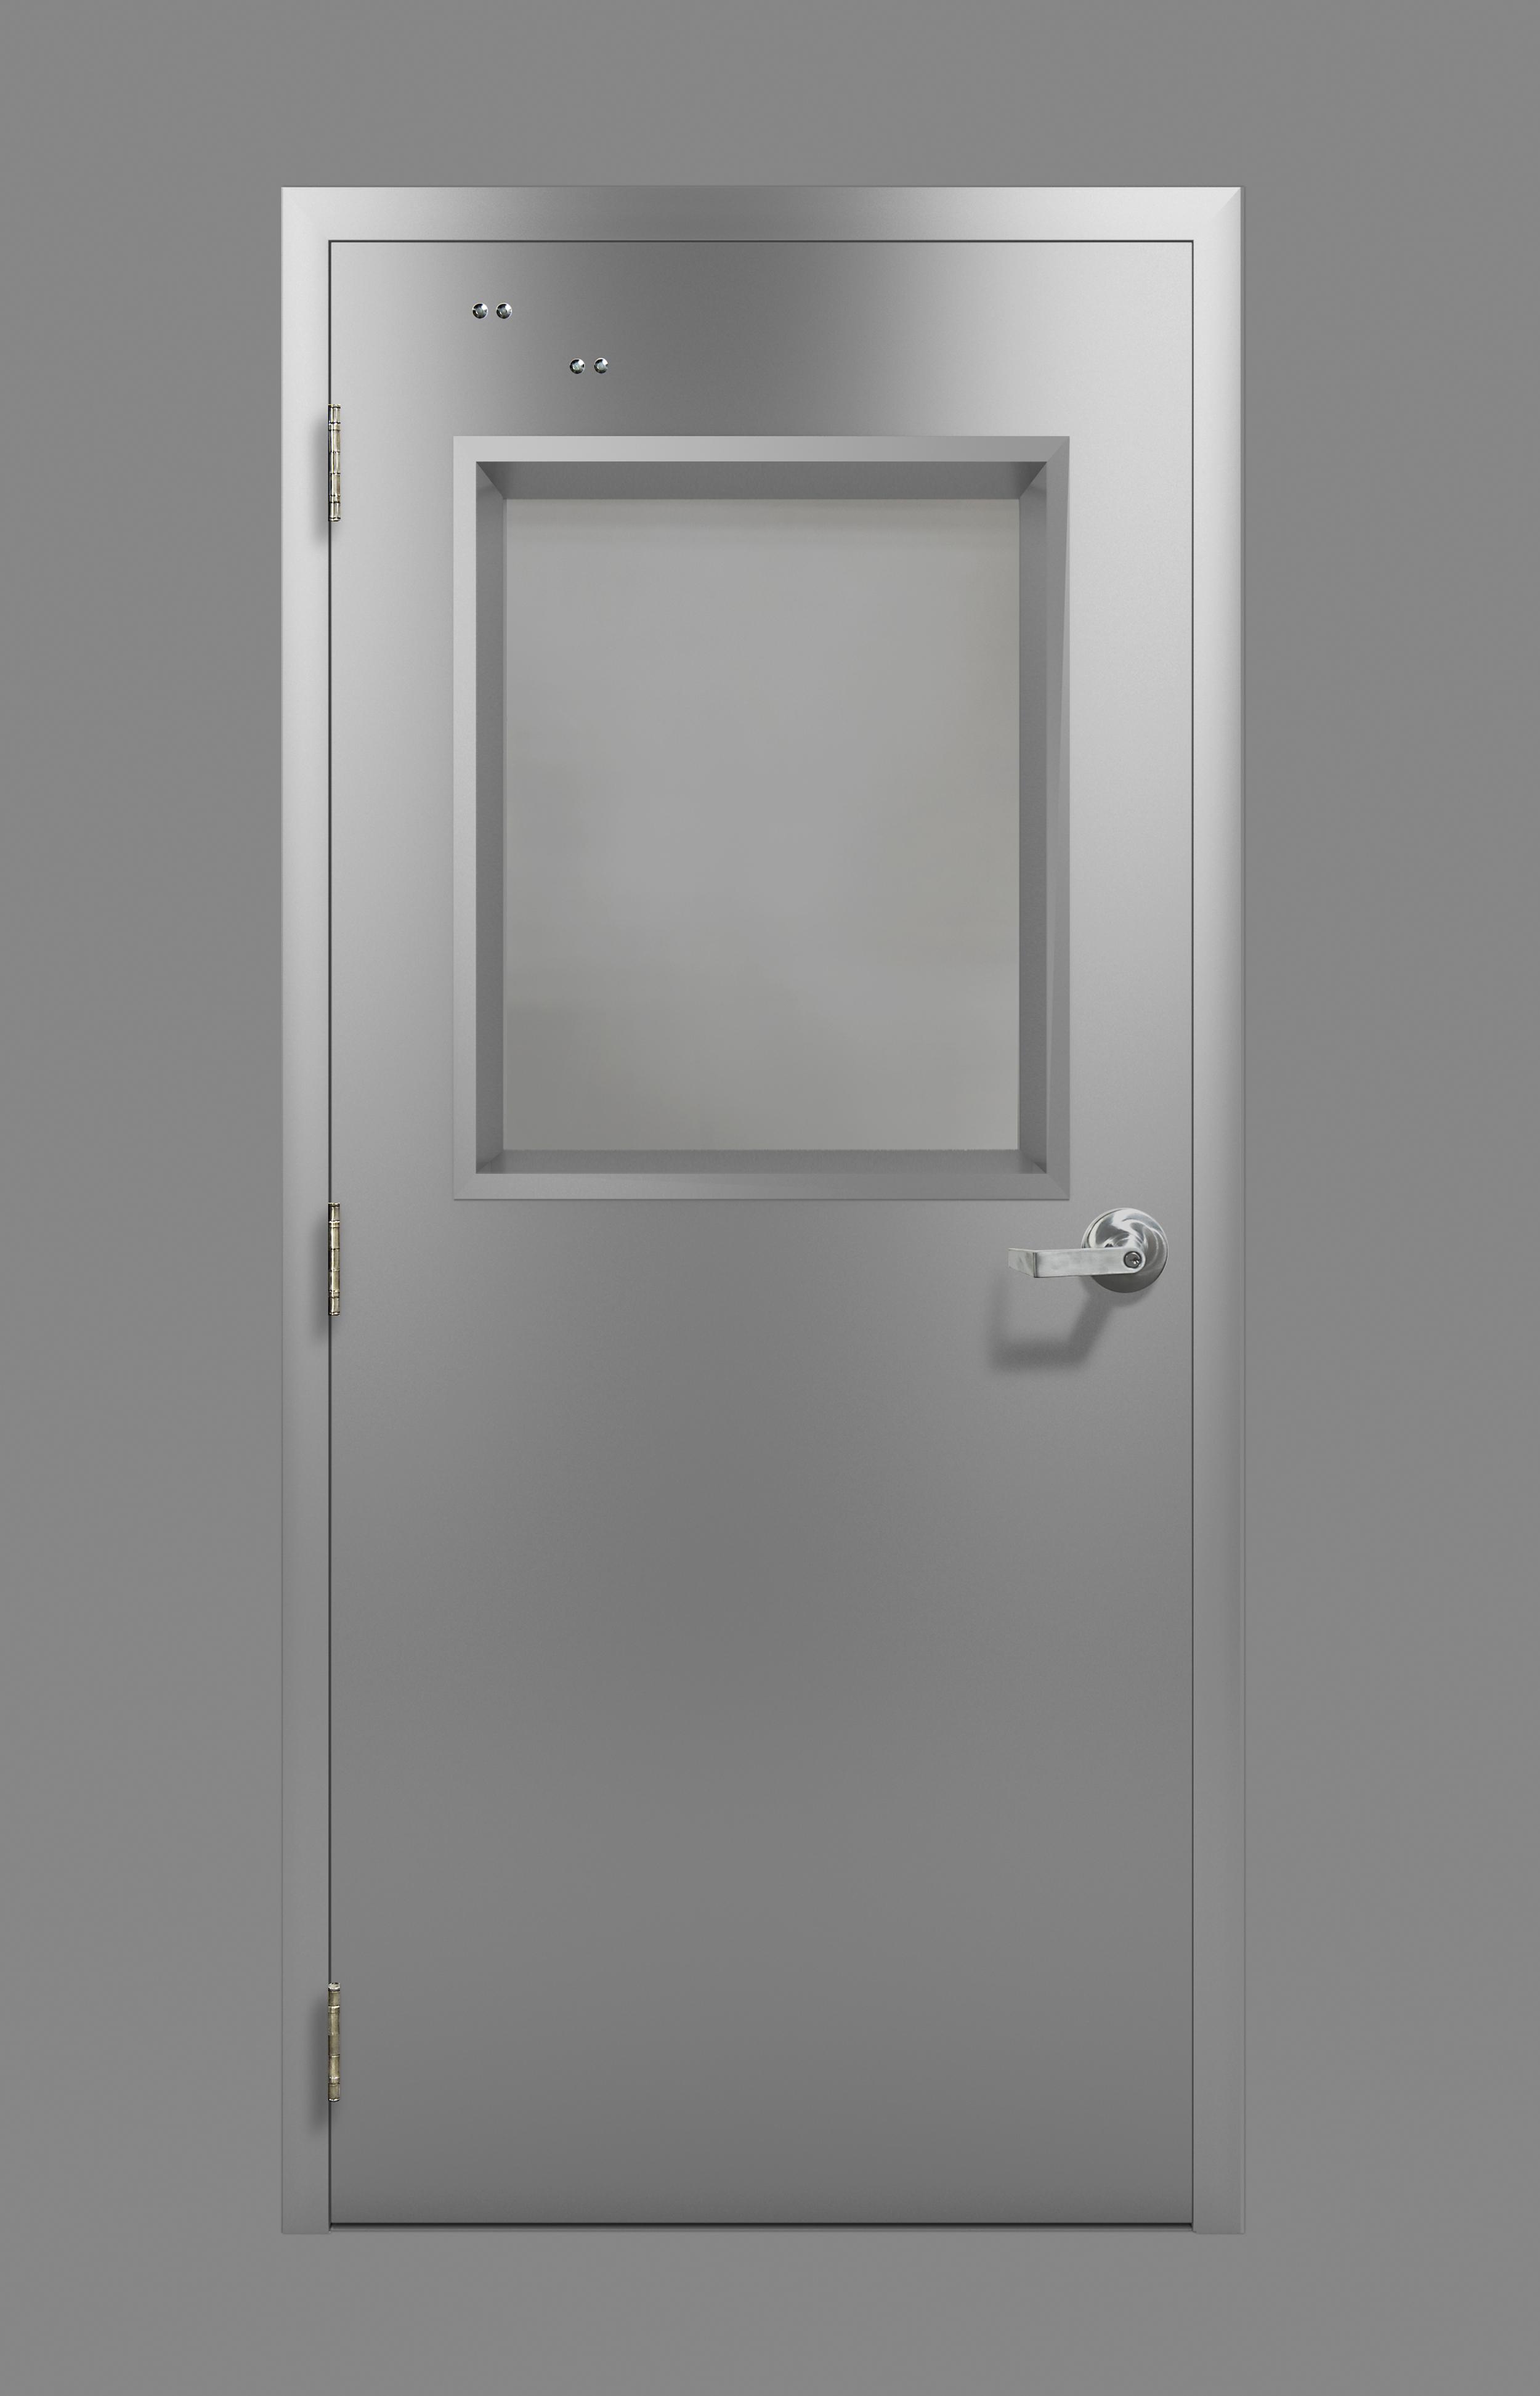 JAMOCLEAN ® Stainless Steel Door by Jamison Door.Part of the Jamotuf product line. Stainless Steel Architectural Style 1 3/4  Swing Door. & Jamison Door Unveils New Insulated Fiberglass Doors pezcame.com